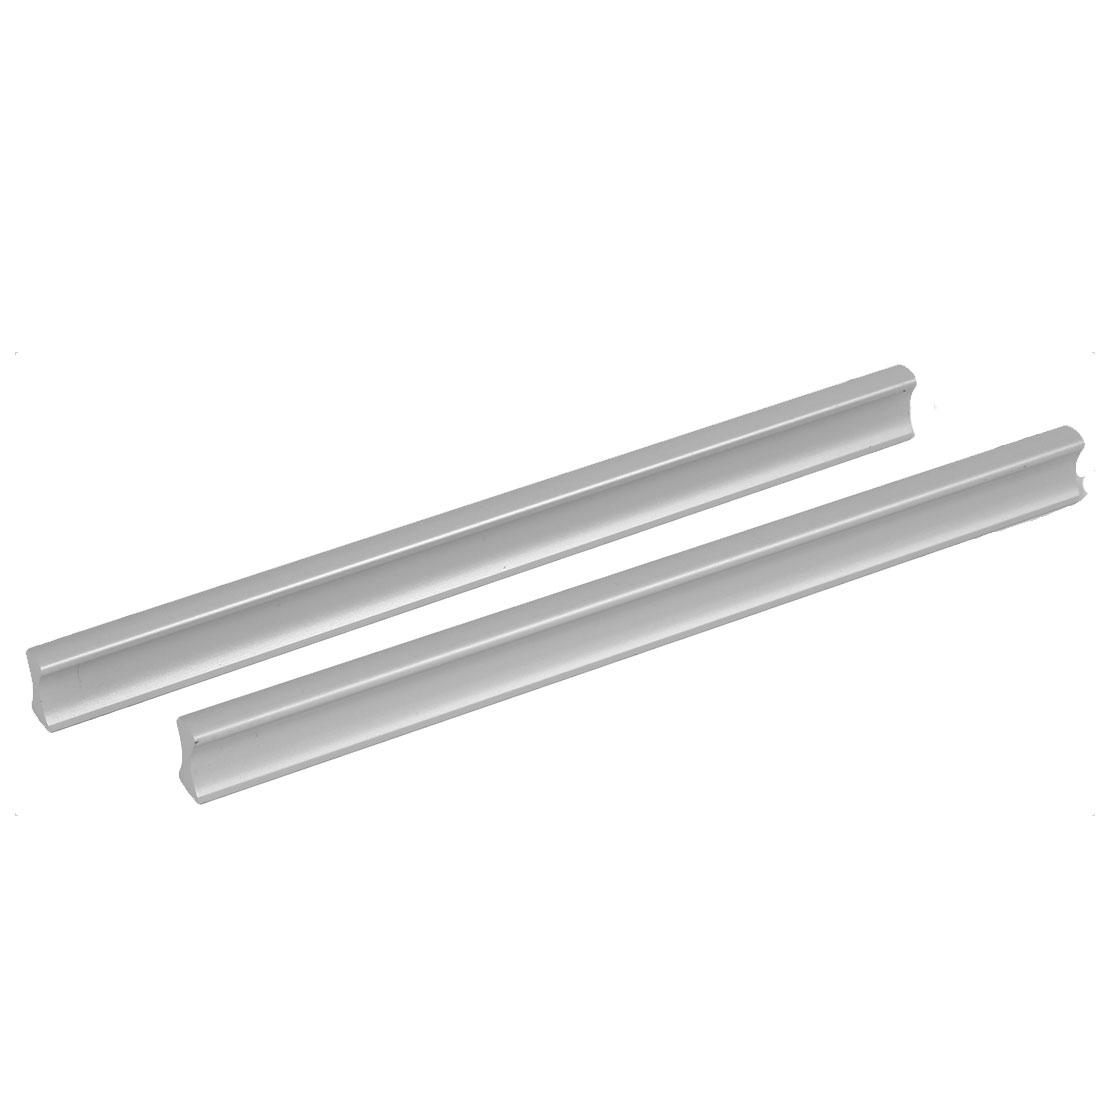 160mm Mount Distance Furniture Dresser Cabinet Door Metal Pull Handle 2pcs